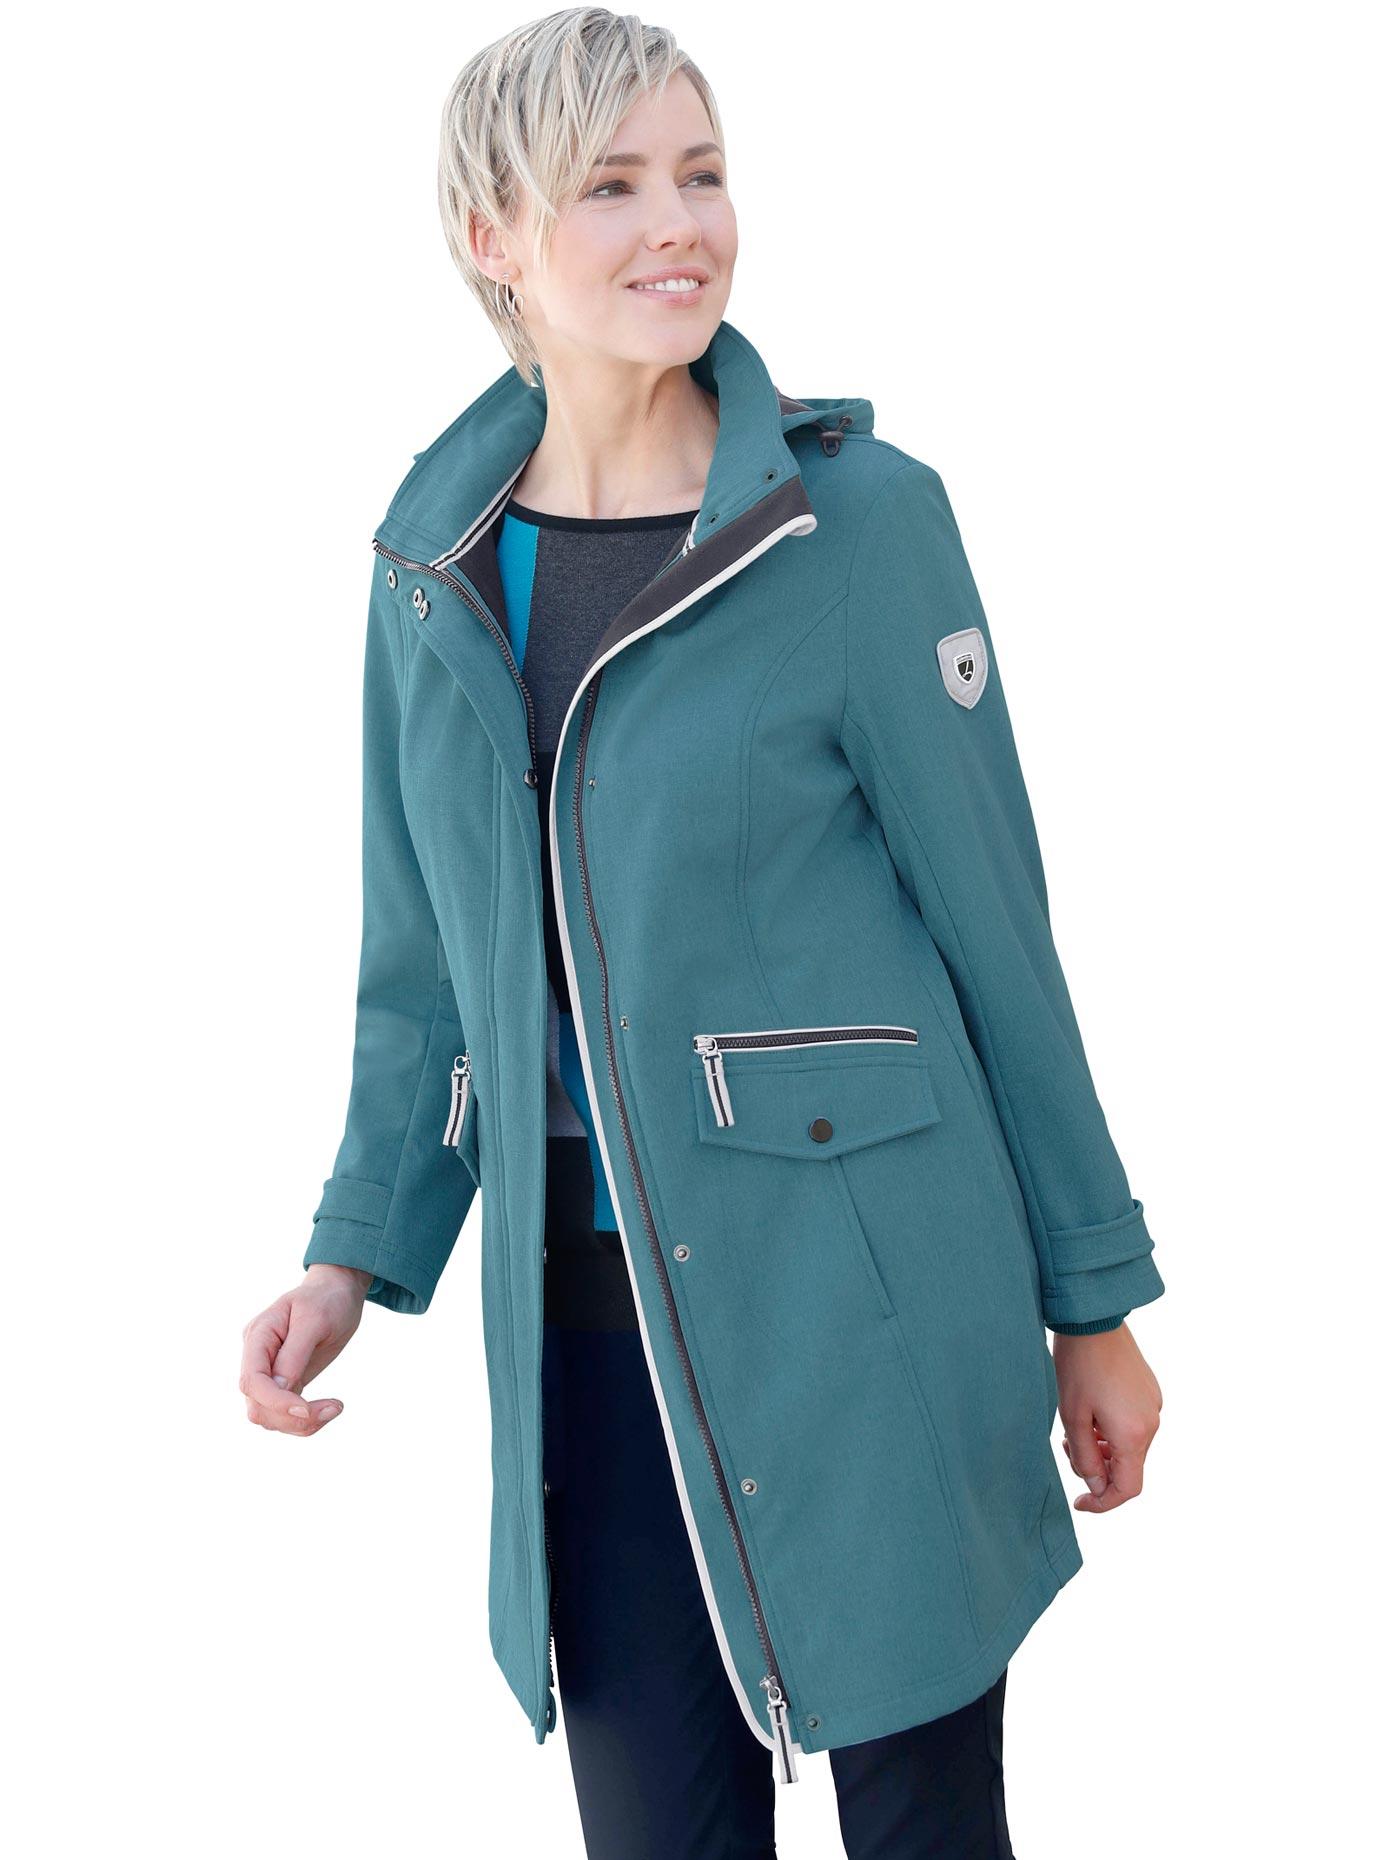 Casual Looks Softshelljacke mit Stehkragen | Bekleidung > Jacken > Softshelljacken | Grün | Fleece | Casual Looks